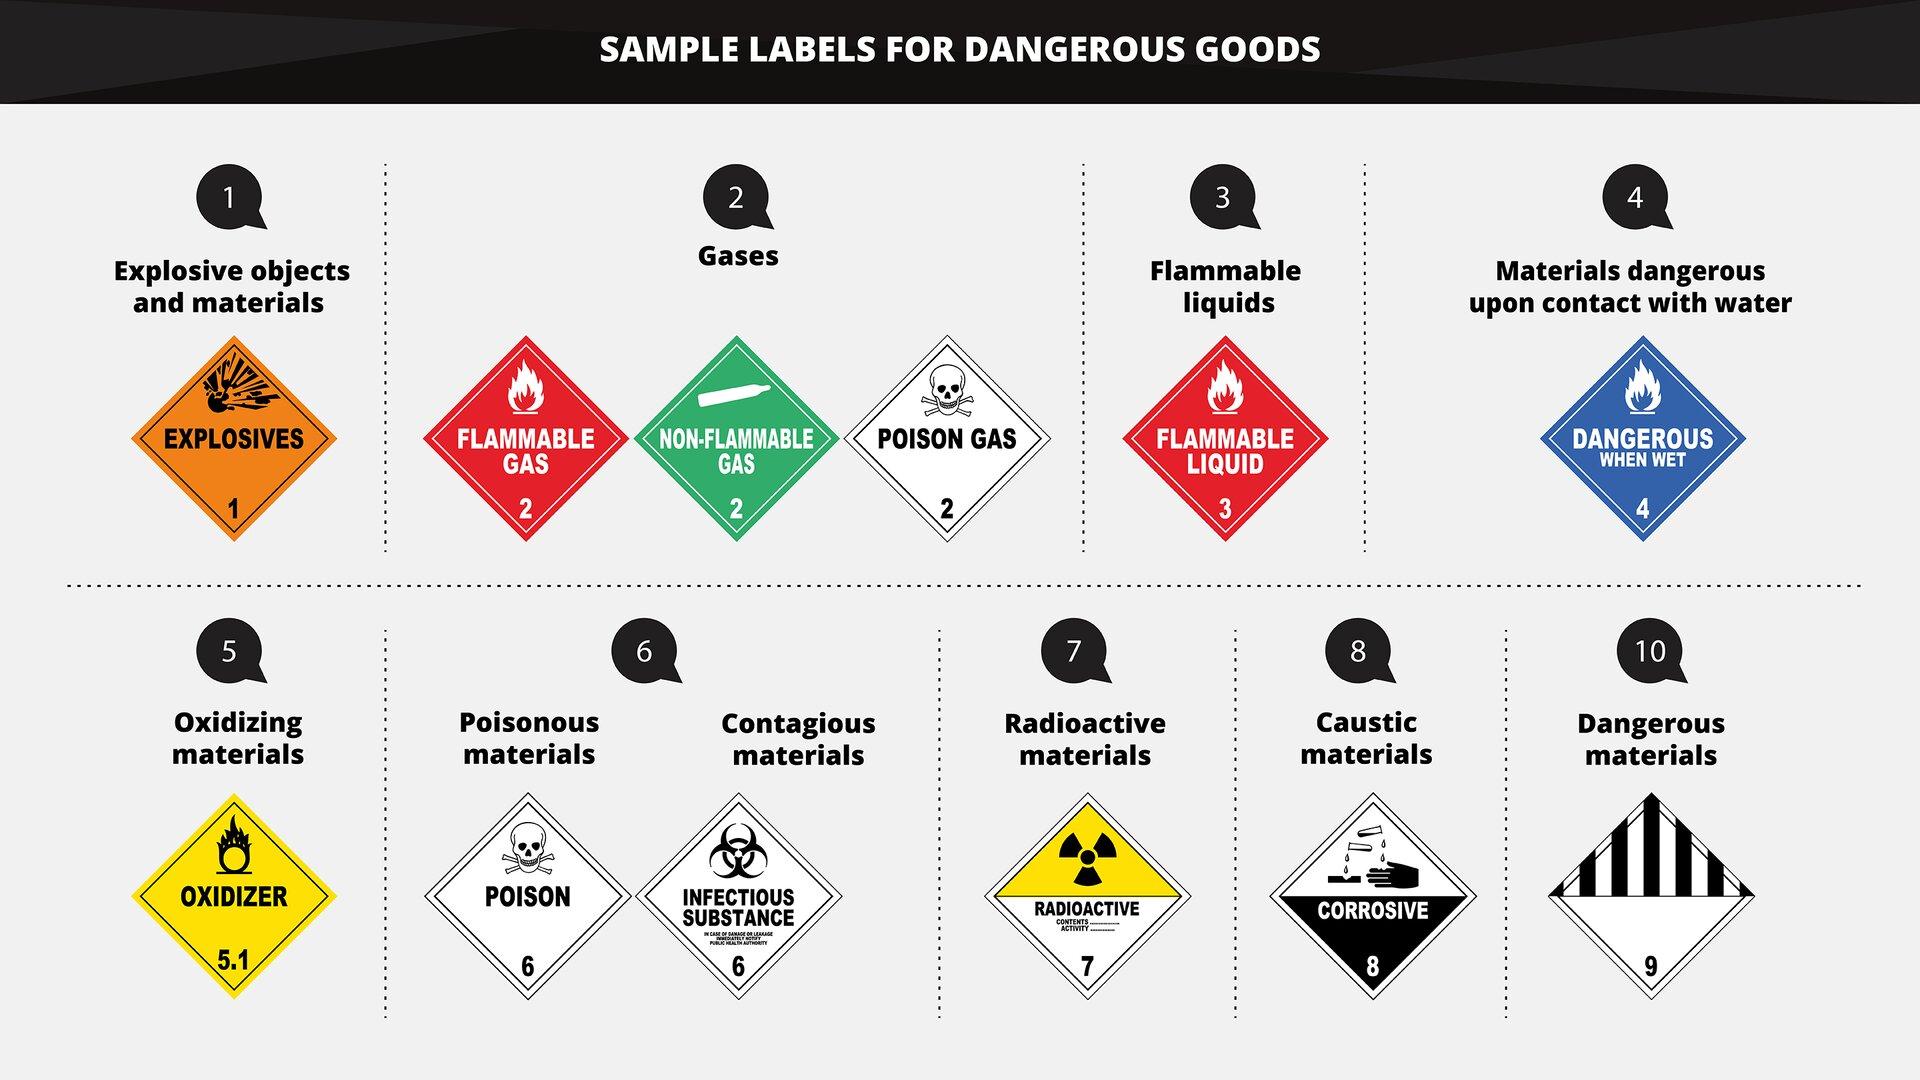 The graphics shows sample labels for dangerous goods. Grafika przedstawia przykładowe nalepki na towary niebezpieczne.